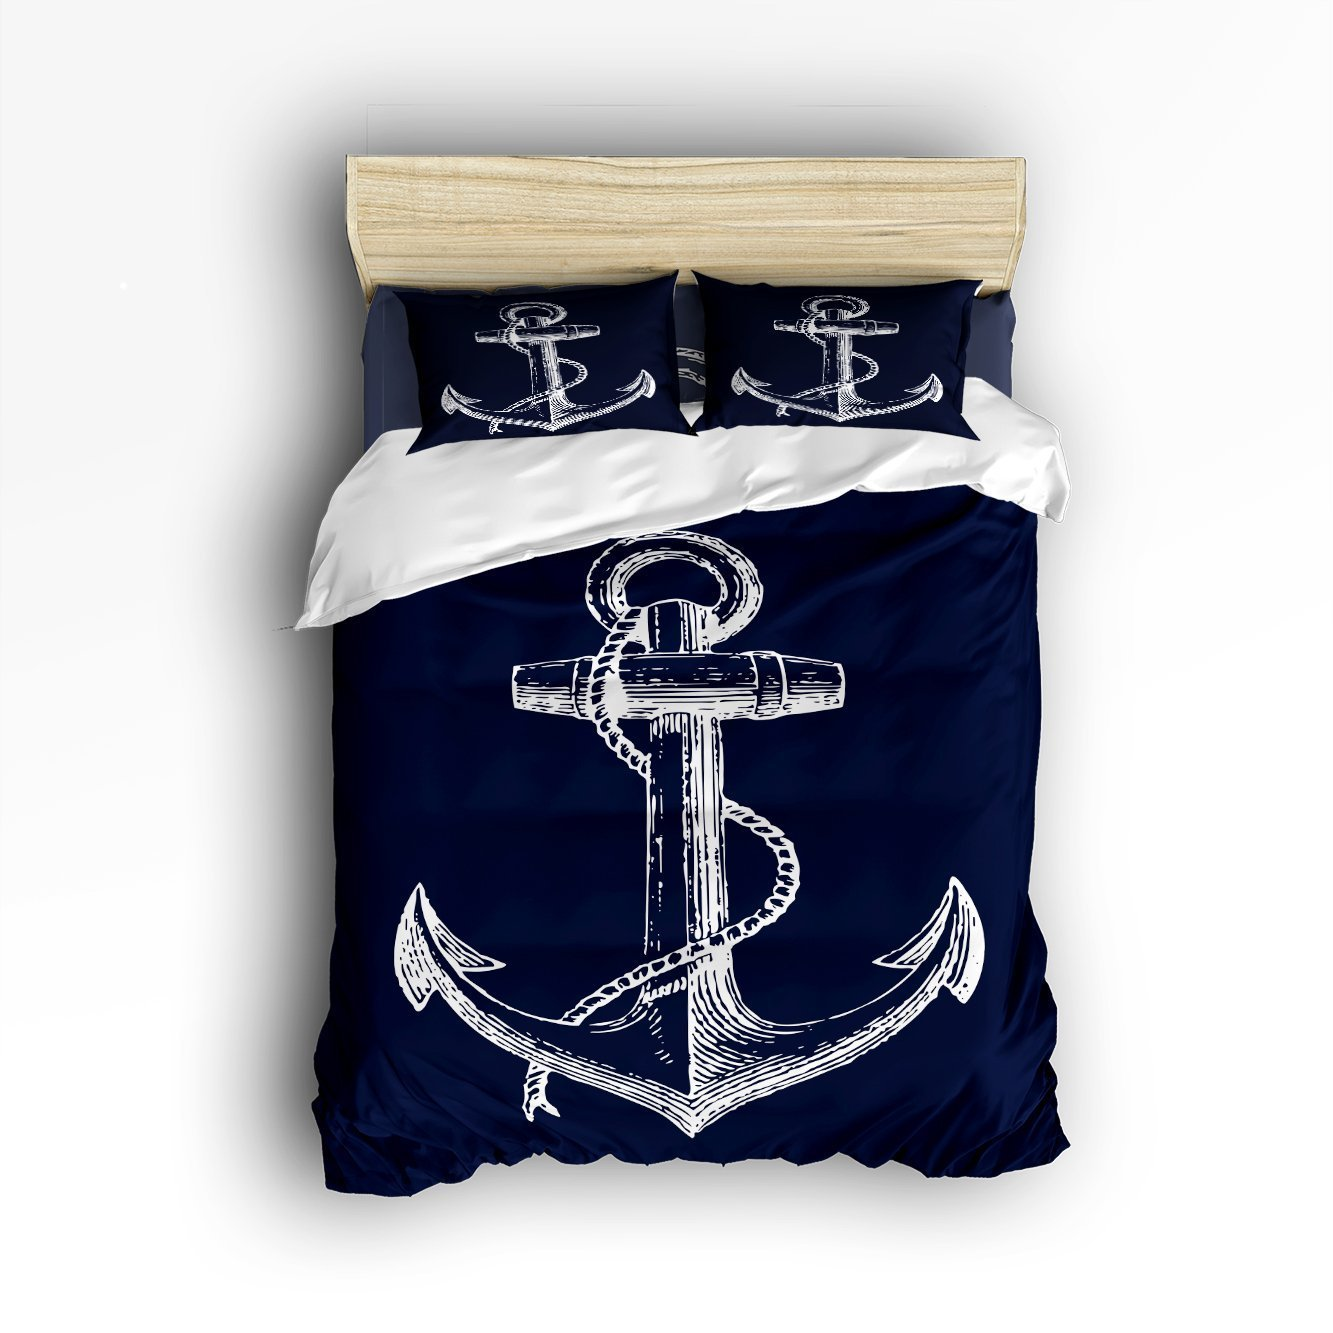 4 Pieces Black Anchor Print Home Comforter Bedding Sets Duvet Cover Sets Bedspread for Adult Kids,Flat Sheet, Shams SetFull Size